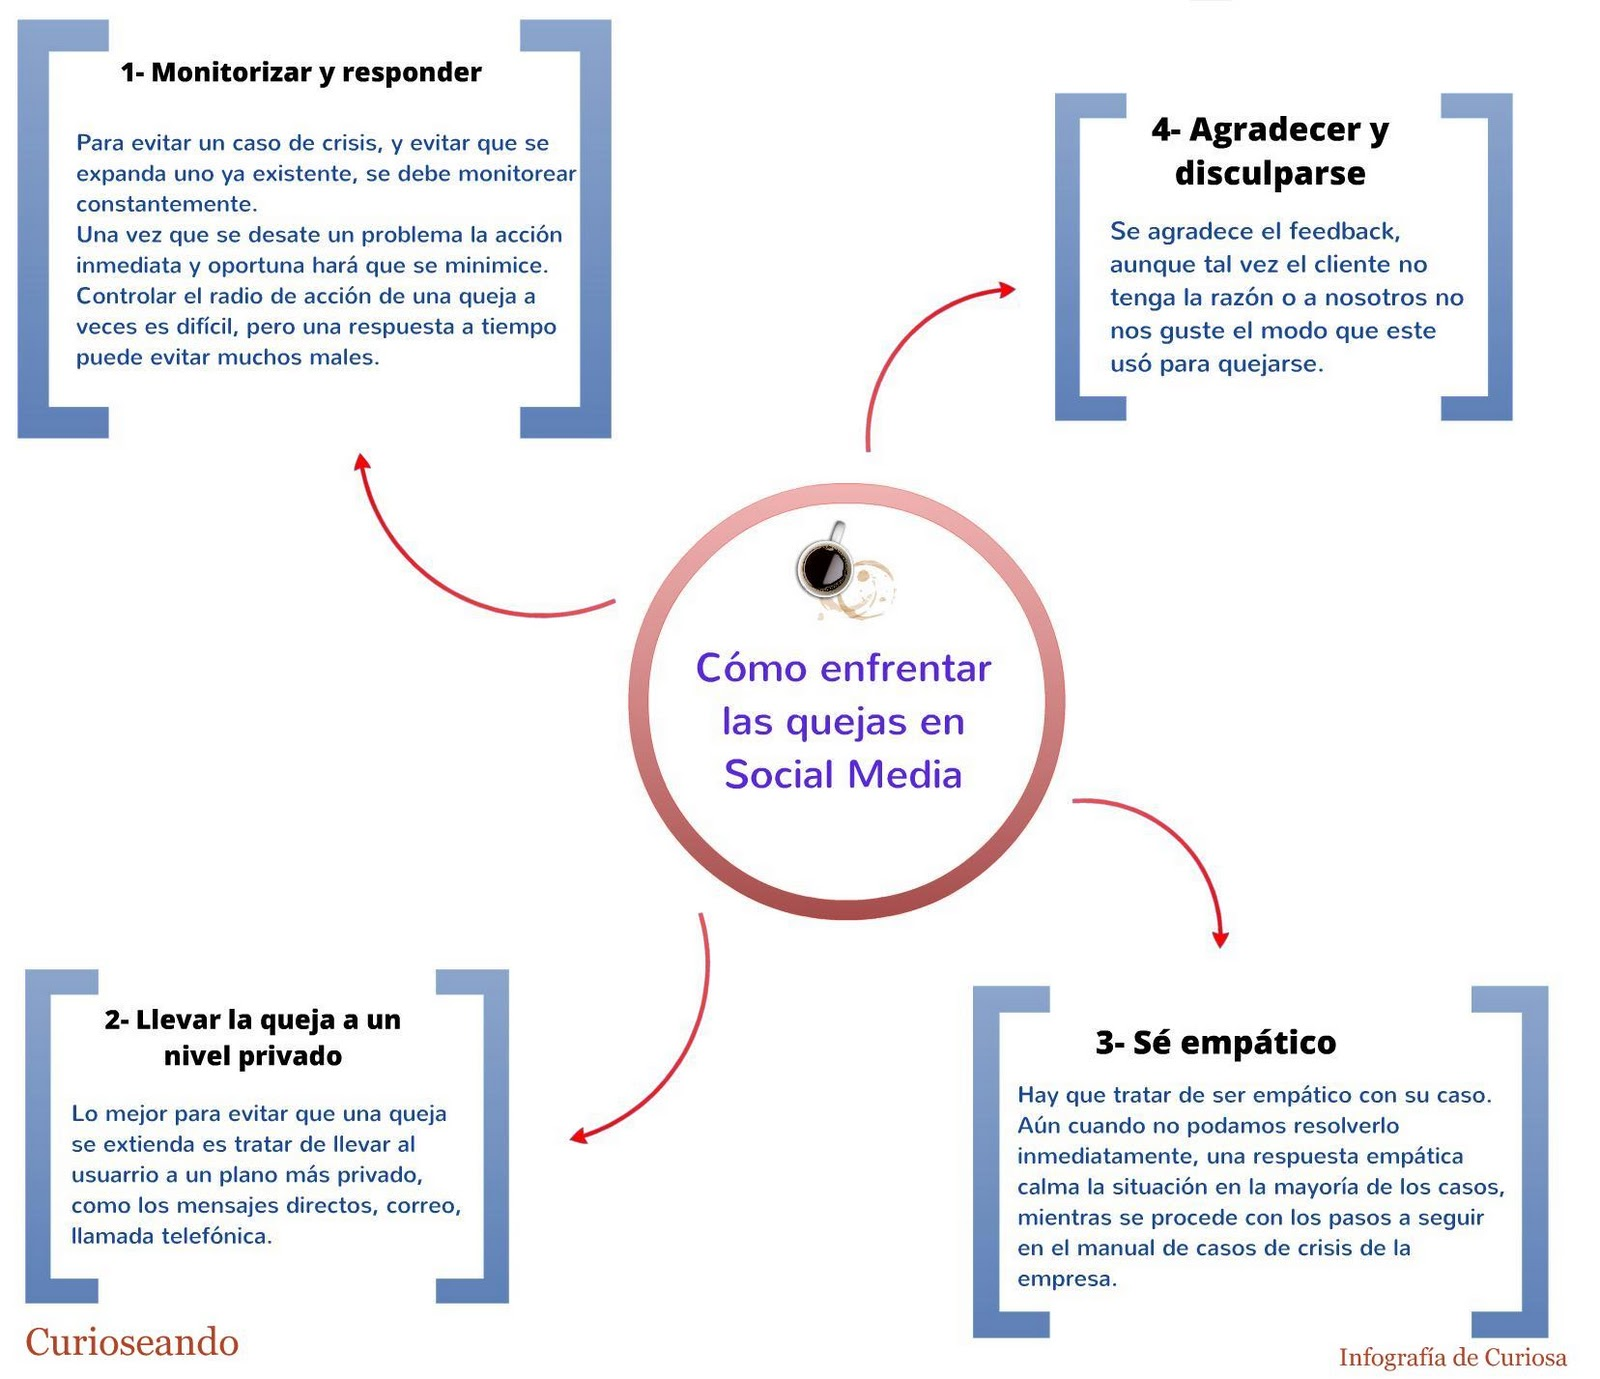 IEDGE-Quejas-social-media-1